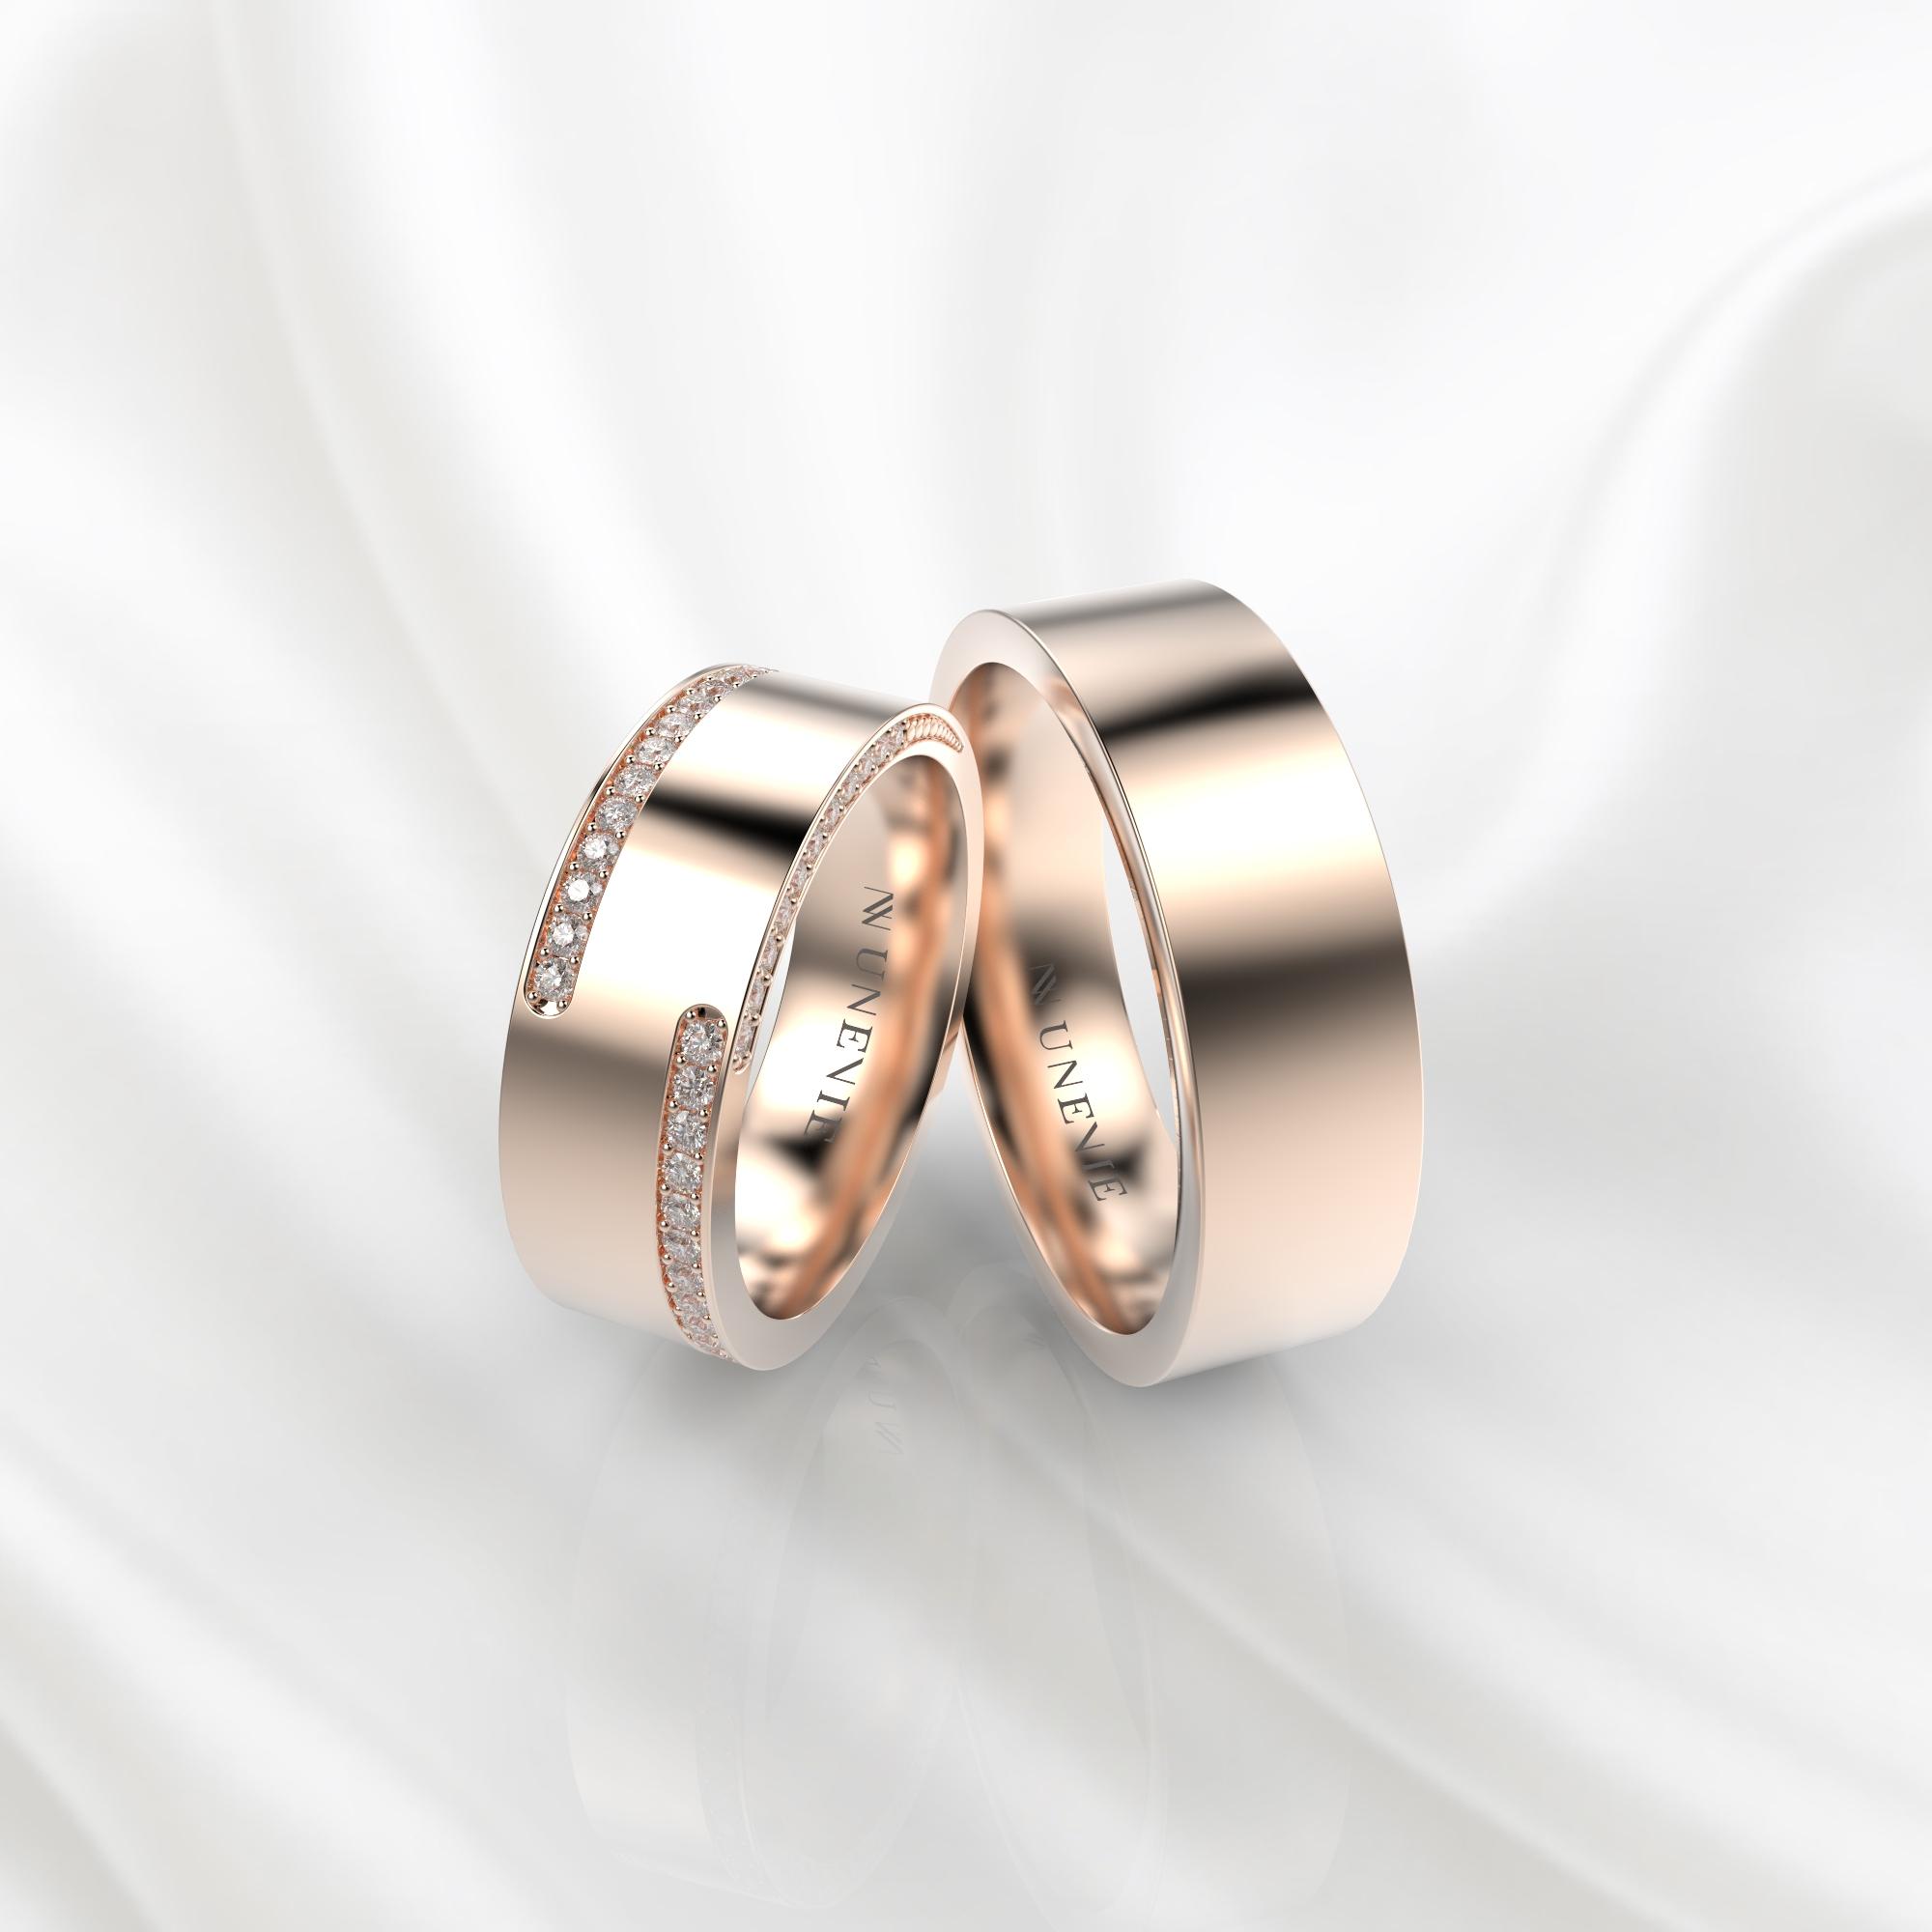 NV63 Парные обручальные кольца из розового золота с бриллиантами